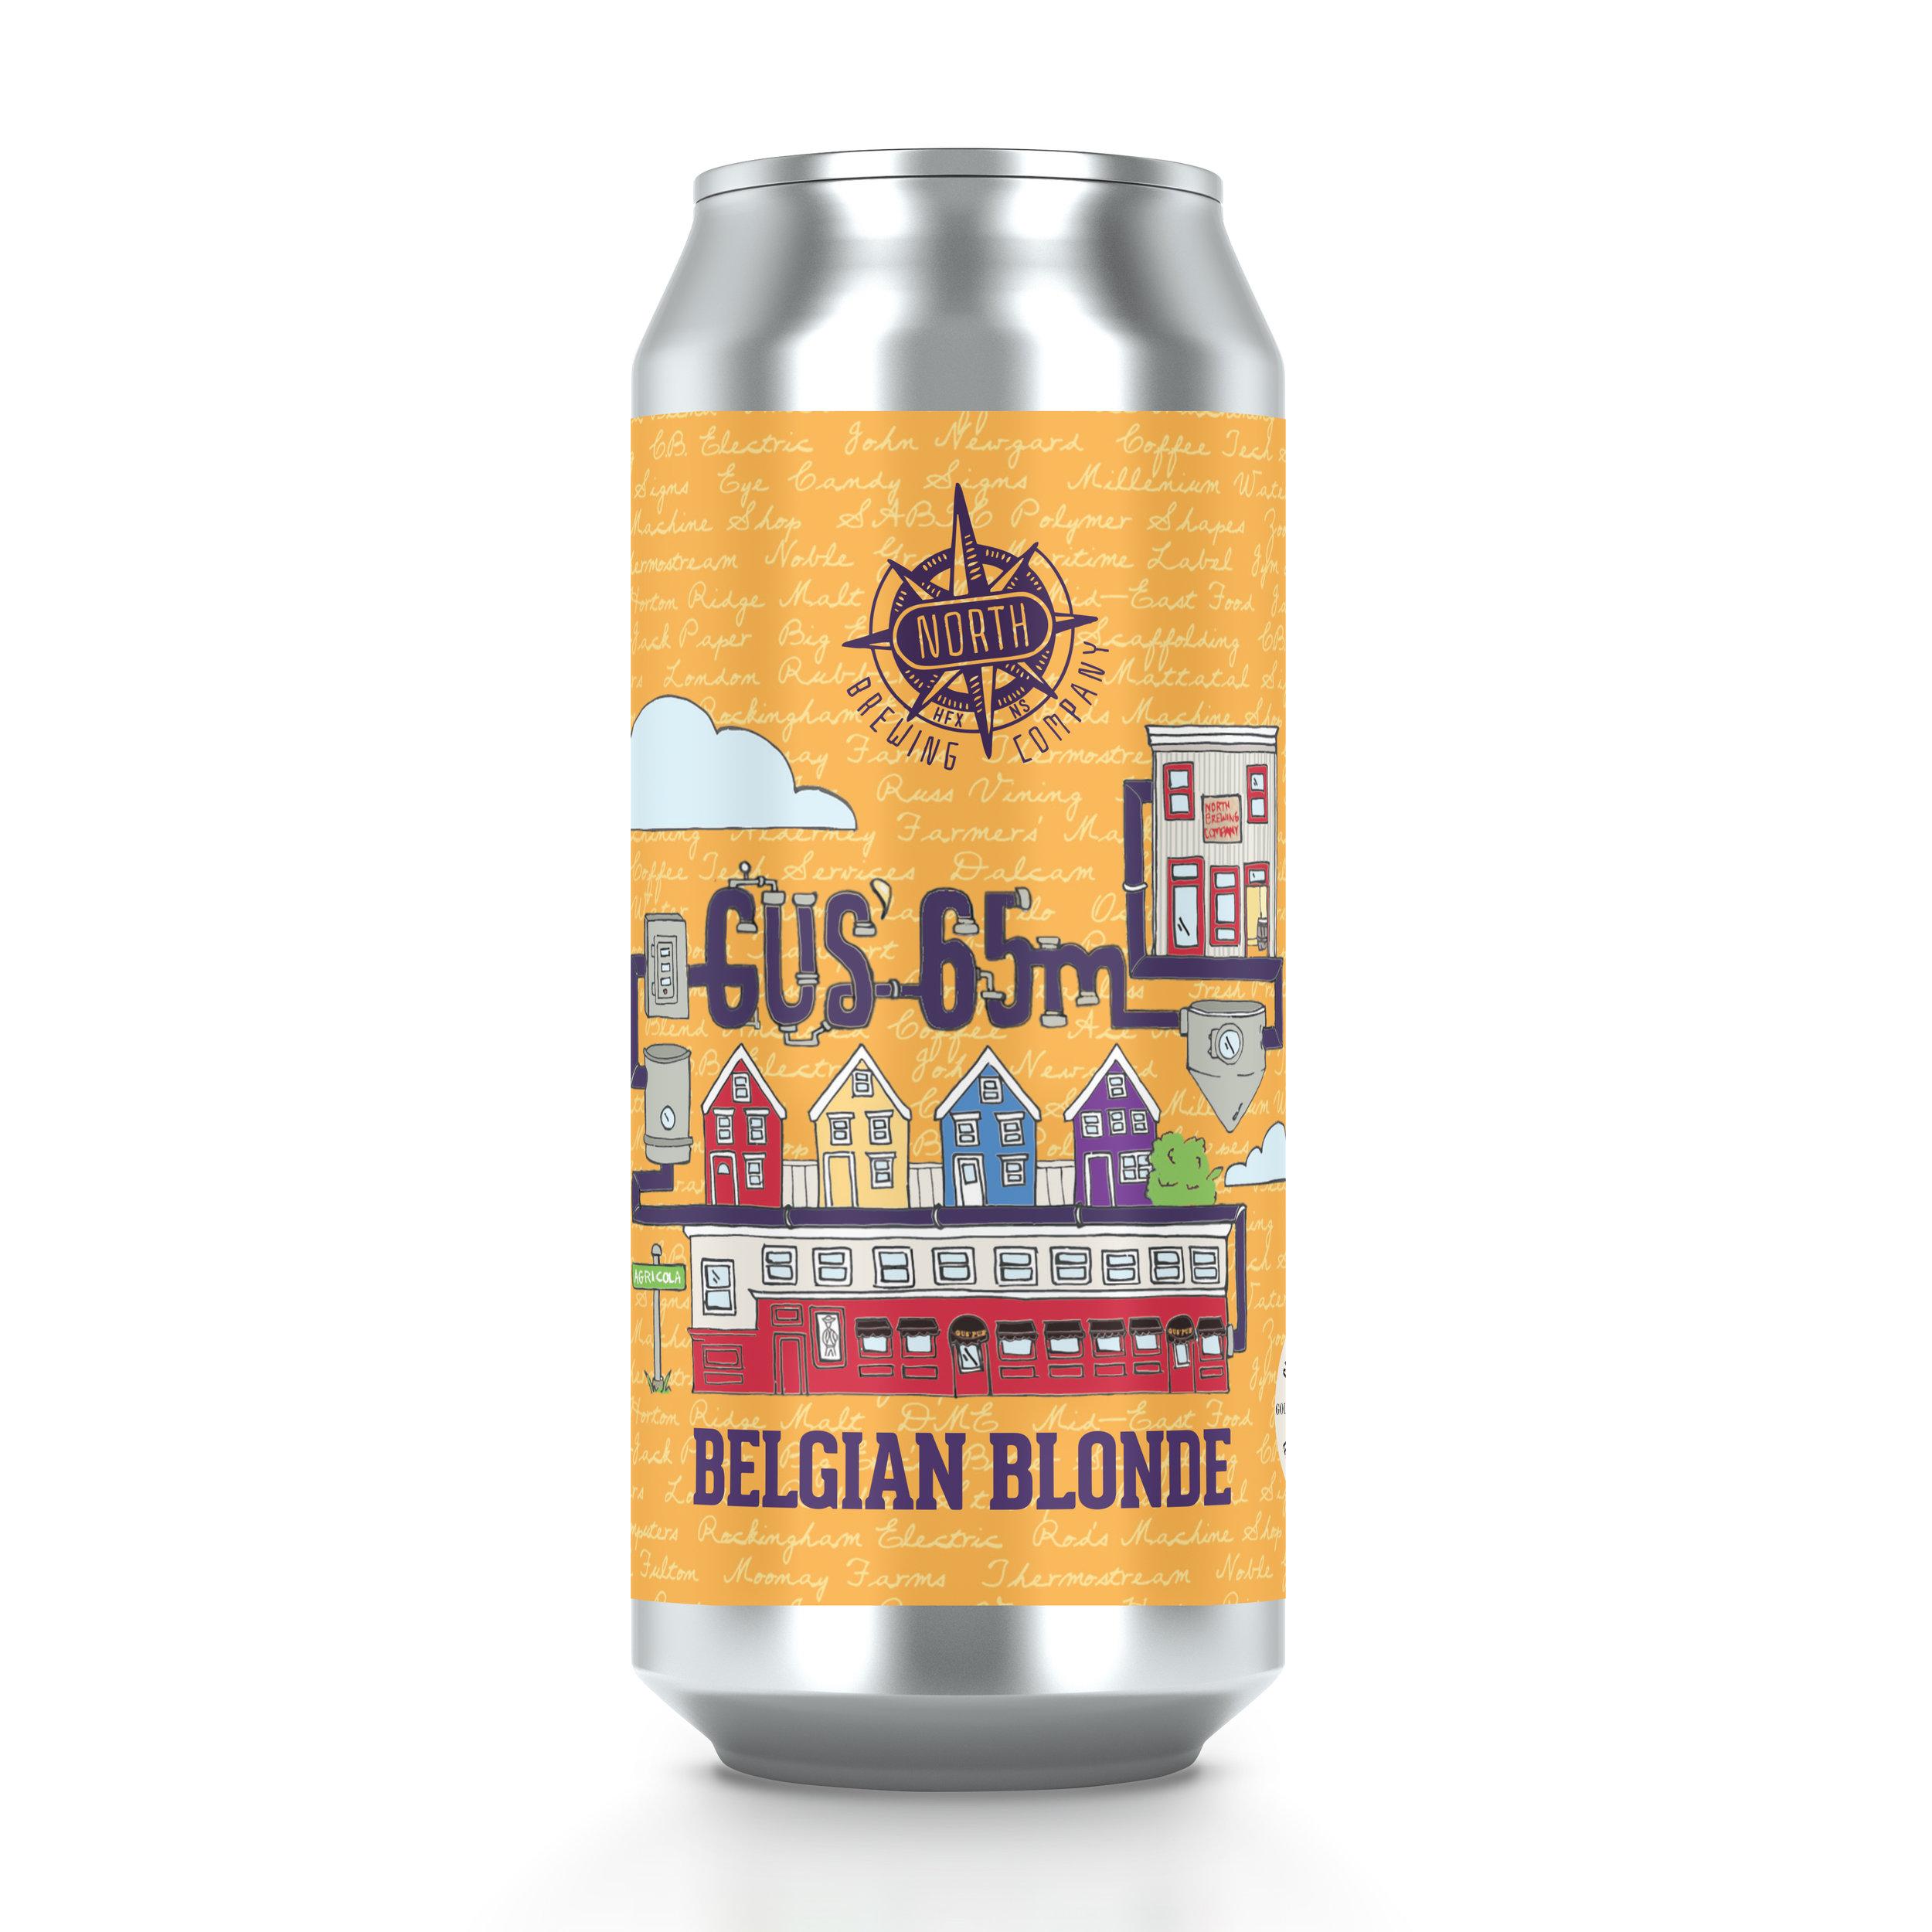 Gus' 65M Ale - Belgian Blonde